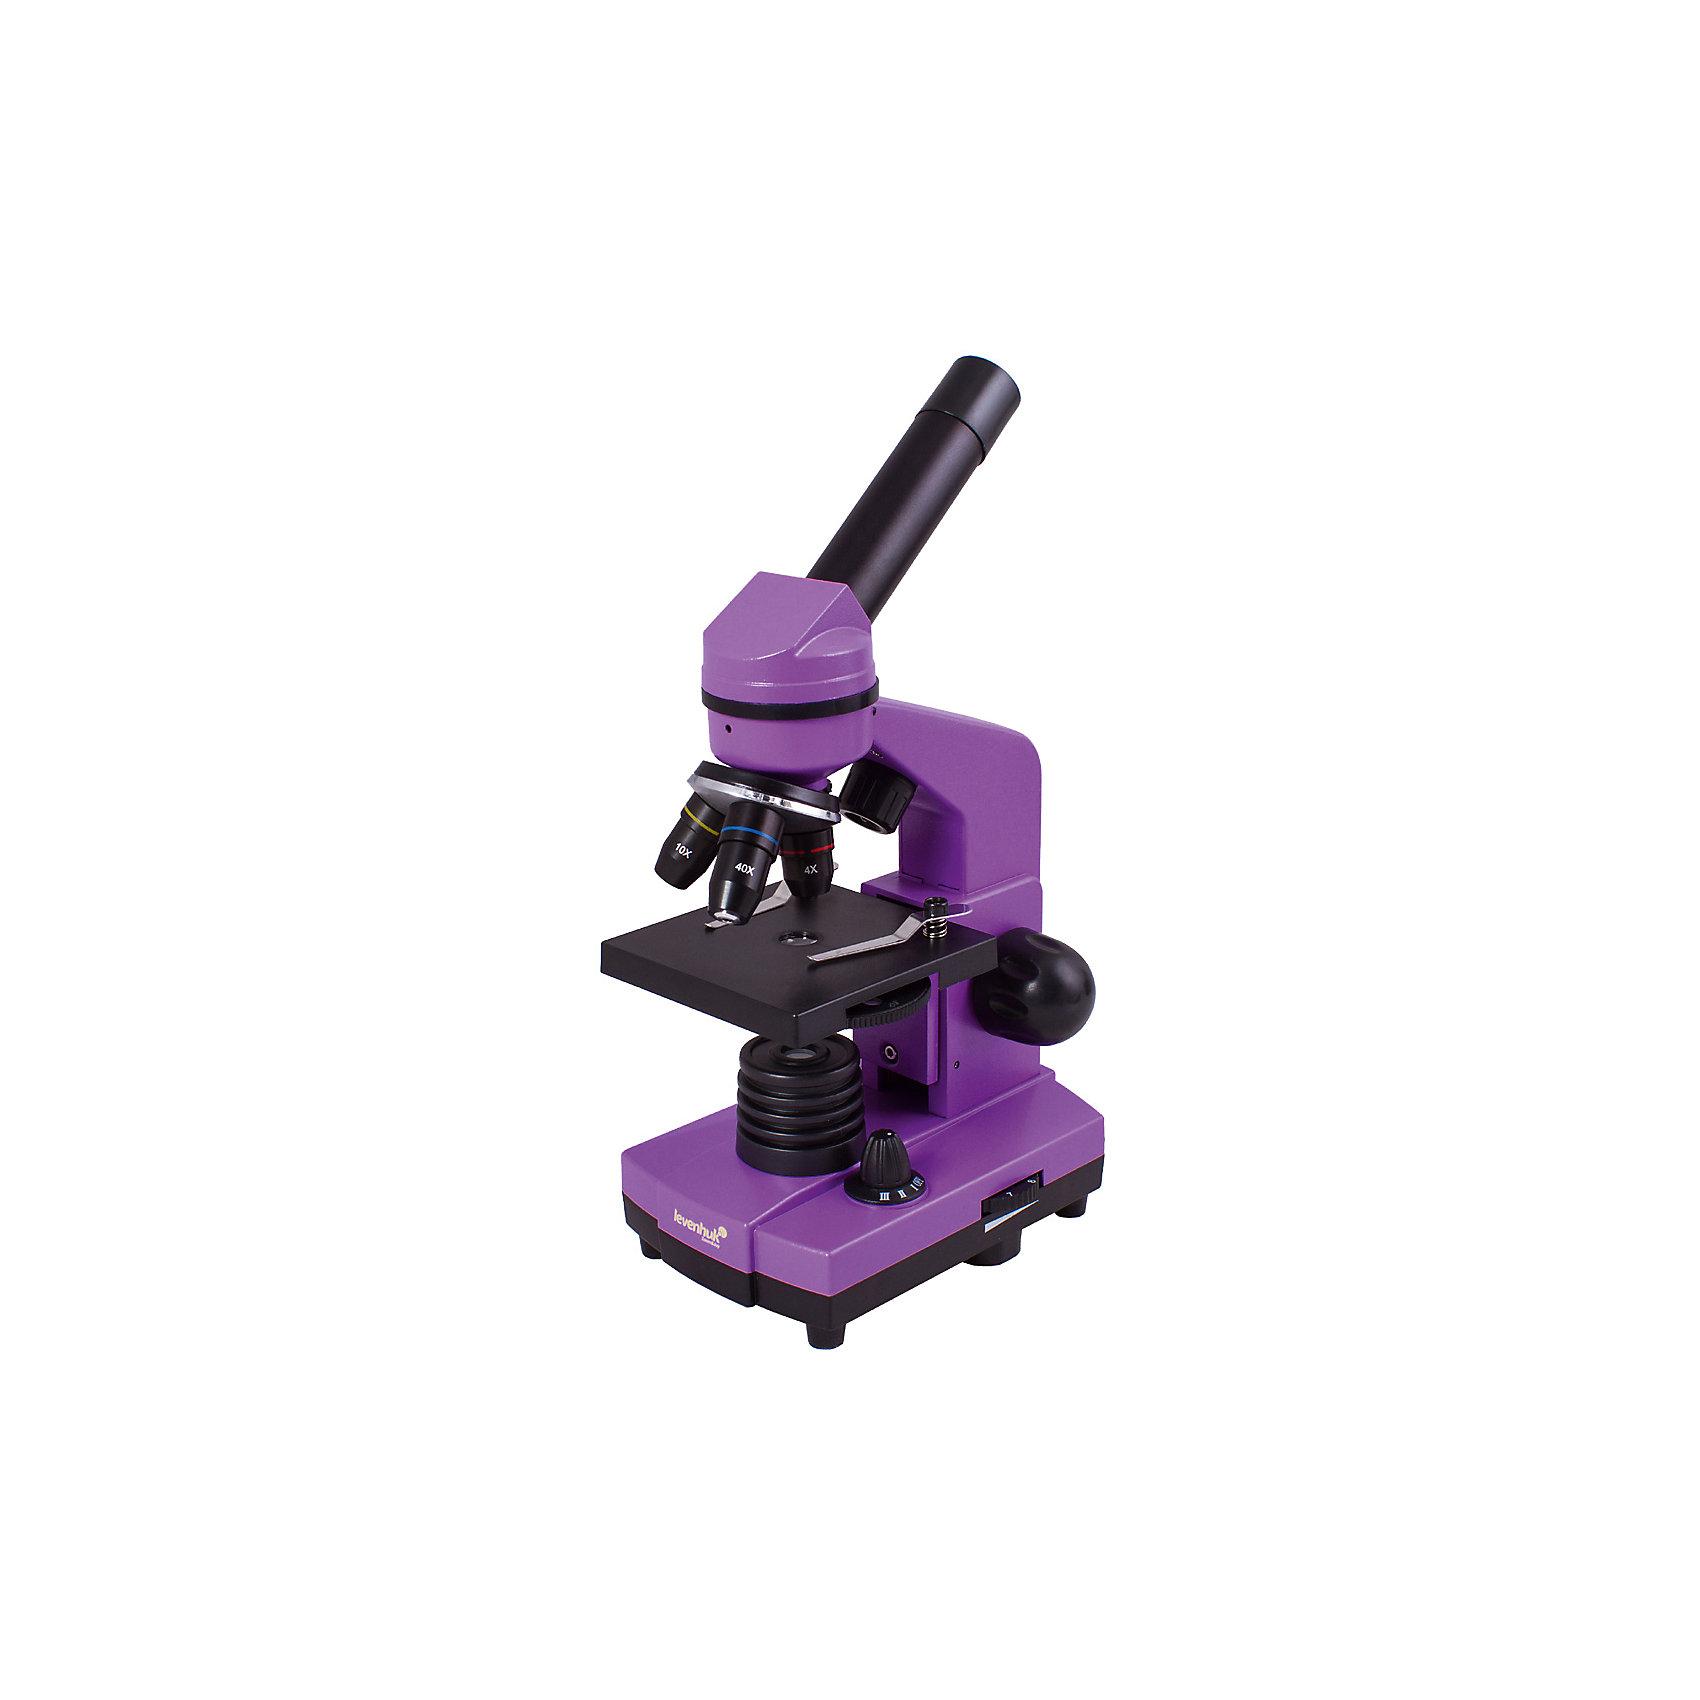 Микроскоп Levenhuk Rainbow 2L Amethyst\АметистХарактеристики товара:<br><br>• материал: металл, пластик<br>• увеличение: до 400 крат<br>• объективы: 4х, 10х, 40х<br>• подсветка: светодиодная<br>• подсветка работает от батареек 3хАА<br>• комплектация: микроскоп, окуляр WF16х, предметный столик с зажимами, диск с диафрагмами, адаптер питания от сети (питание 110-220 В, 50 Гц), инструкция по эксплуатации и гарантийный талон, пинцет, инкубатор для артемии, микротом, флакон с дрожжами, флакон со смолой для изготовления препаратов, флакон с морской солью, флакон с артемией (морским рачком), 5 готовых образцов и 5 чистых предметных стекол, пипетка<br>• диаметр окулярной трубки: 23,2 мм<br>• страна бренда: США<br>• страна производства: КНР<br><br>Собственный микроскоп - это отличный способ заинтересовать ребенка наукой и привить ему интерес к учебе. Эта модель микроскопа была разработана специально для детей - он позволяет увеличивать препарат в 400 крат, с помощью этого дети могут исследовать состав и структуру разнообразных предметов, веществ и организмов. Благодаря стильному дизайну этот микроскоп отлично вписывается в интерьер!<br><br>Оптические приборы от американской компании Levenhuk уже успели зарекомендовать себя как качественная и надежная продукция. Для их производства используются только безопасные и проверенные материалы. Такой прибор способен прослужить долго. Подарите ребенку интересную и полезную вещь!<br><br>Микроскоп Levenhuk Rainbow 2L Amethyst\Аметист от известного бренда Levenhuk (Левенгук) можно купить в нашем интернет-магазине.<br><br>Ширина мм: 230<br>Глубина мм: 150<br>Высота мм: 370<br>Вес г: 1530<br>Возраст от месяцев: 60<br>Возраст до месяцев: 2147483647<br>Пол: Унисекс<br>Возраст: Детский<br>SKU: 5435265